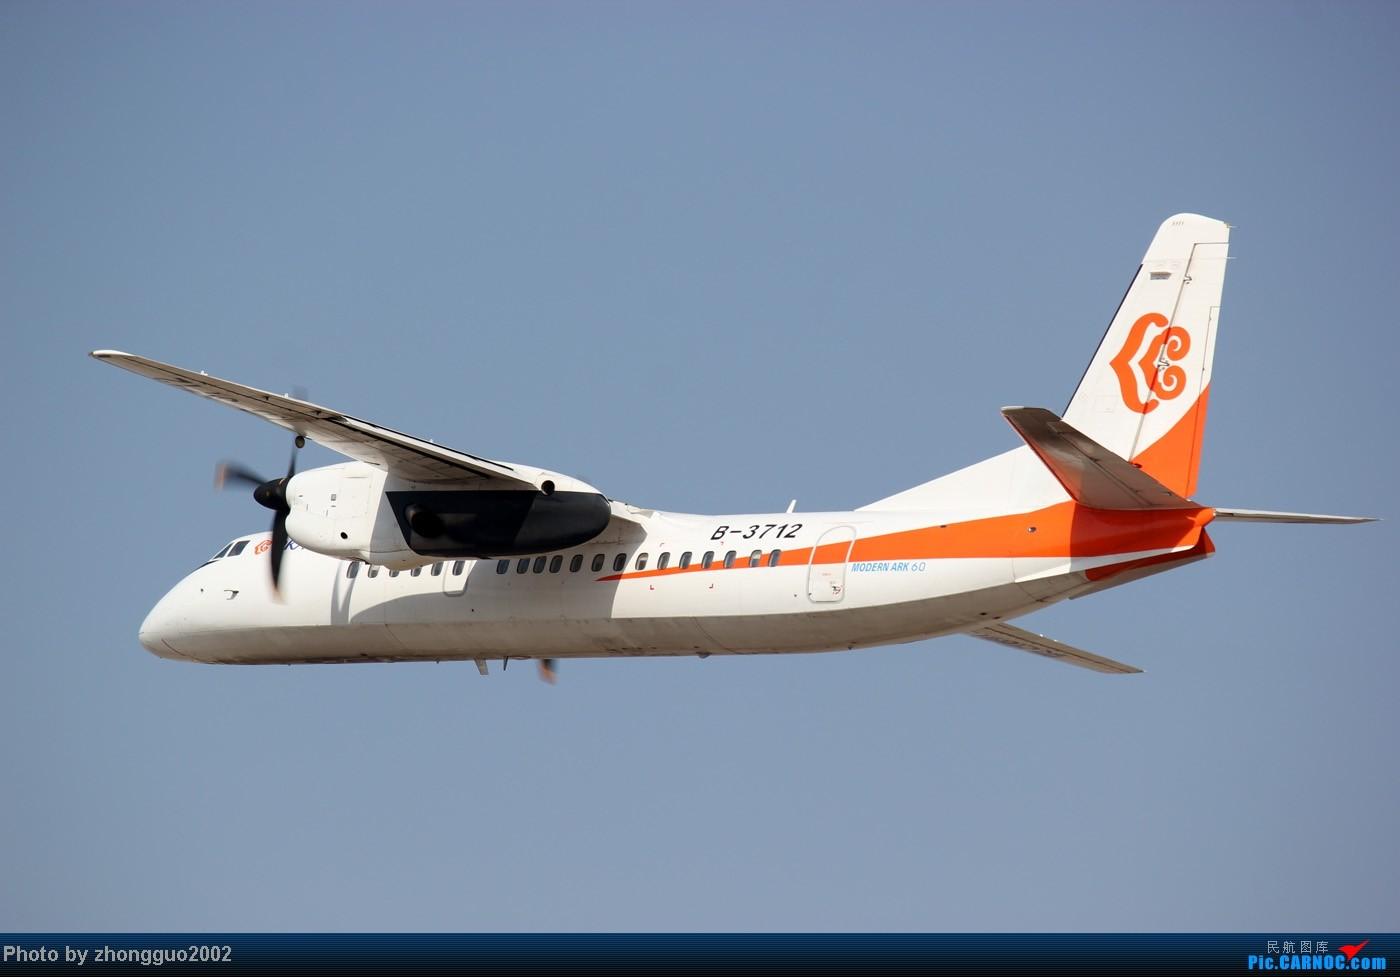 Re:[原创]长荣航空带小翼的321,东航6457小翼319,国航的新机子1947.1945,国航内蒙古号5226,新舟60,以及深圳、首都、西部等航空的飞机。 XIFEI MA-60 B-3712 中国呼和浩特白塔机场